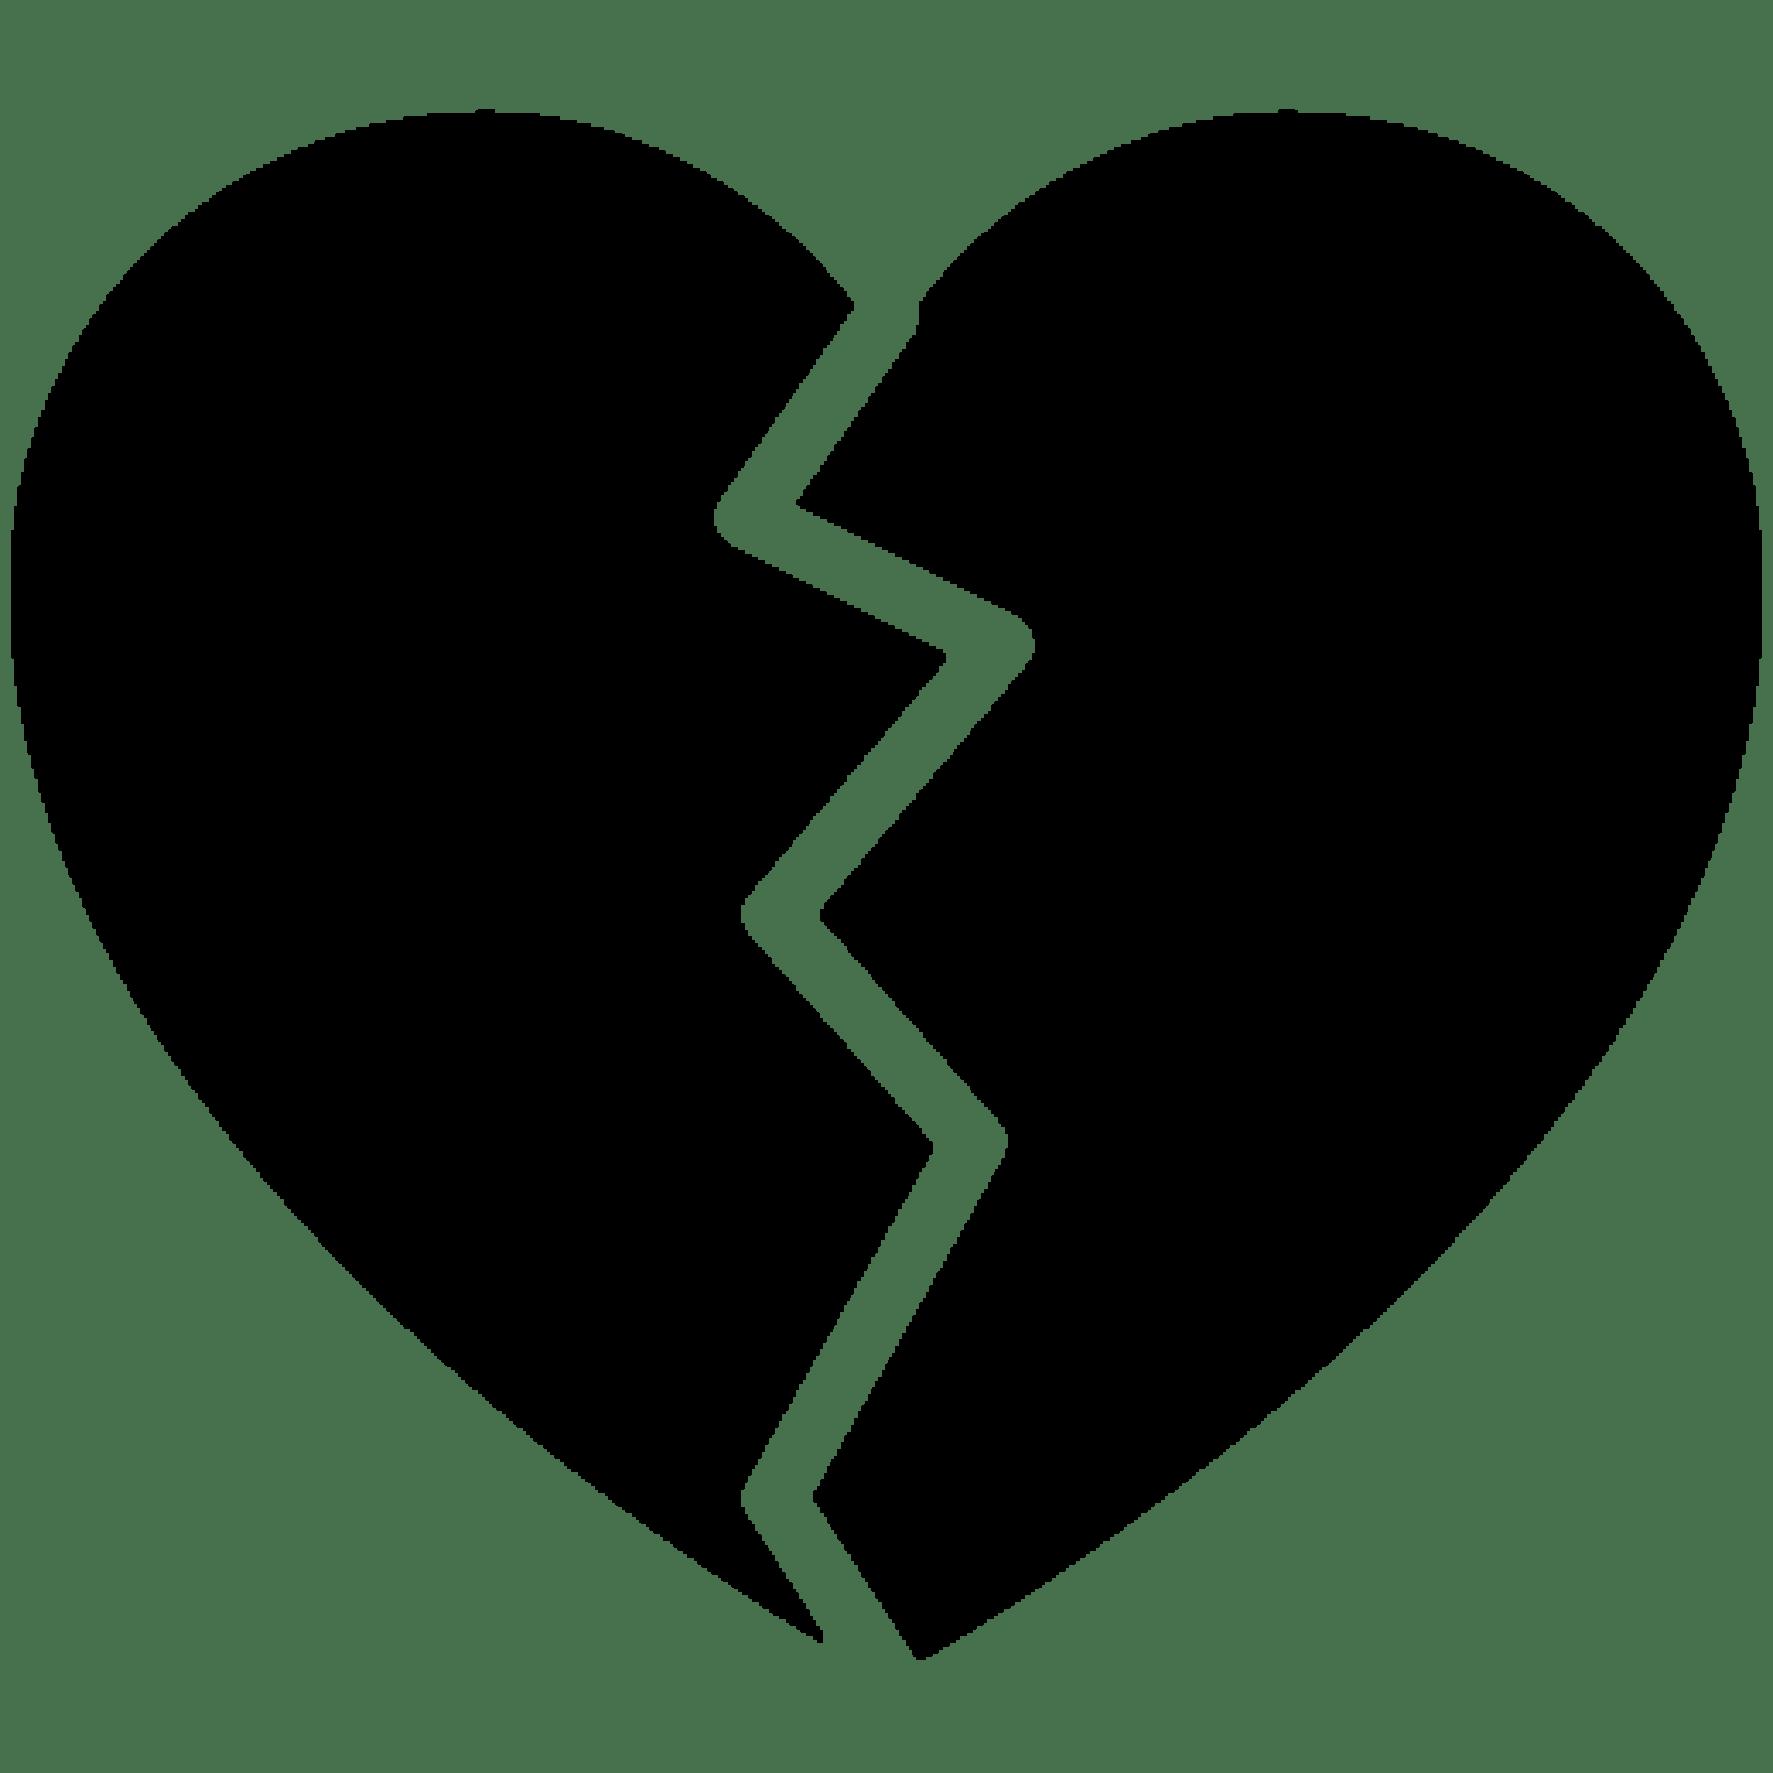 medium resolution of  lil peep tatoo broken heart black